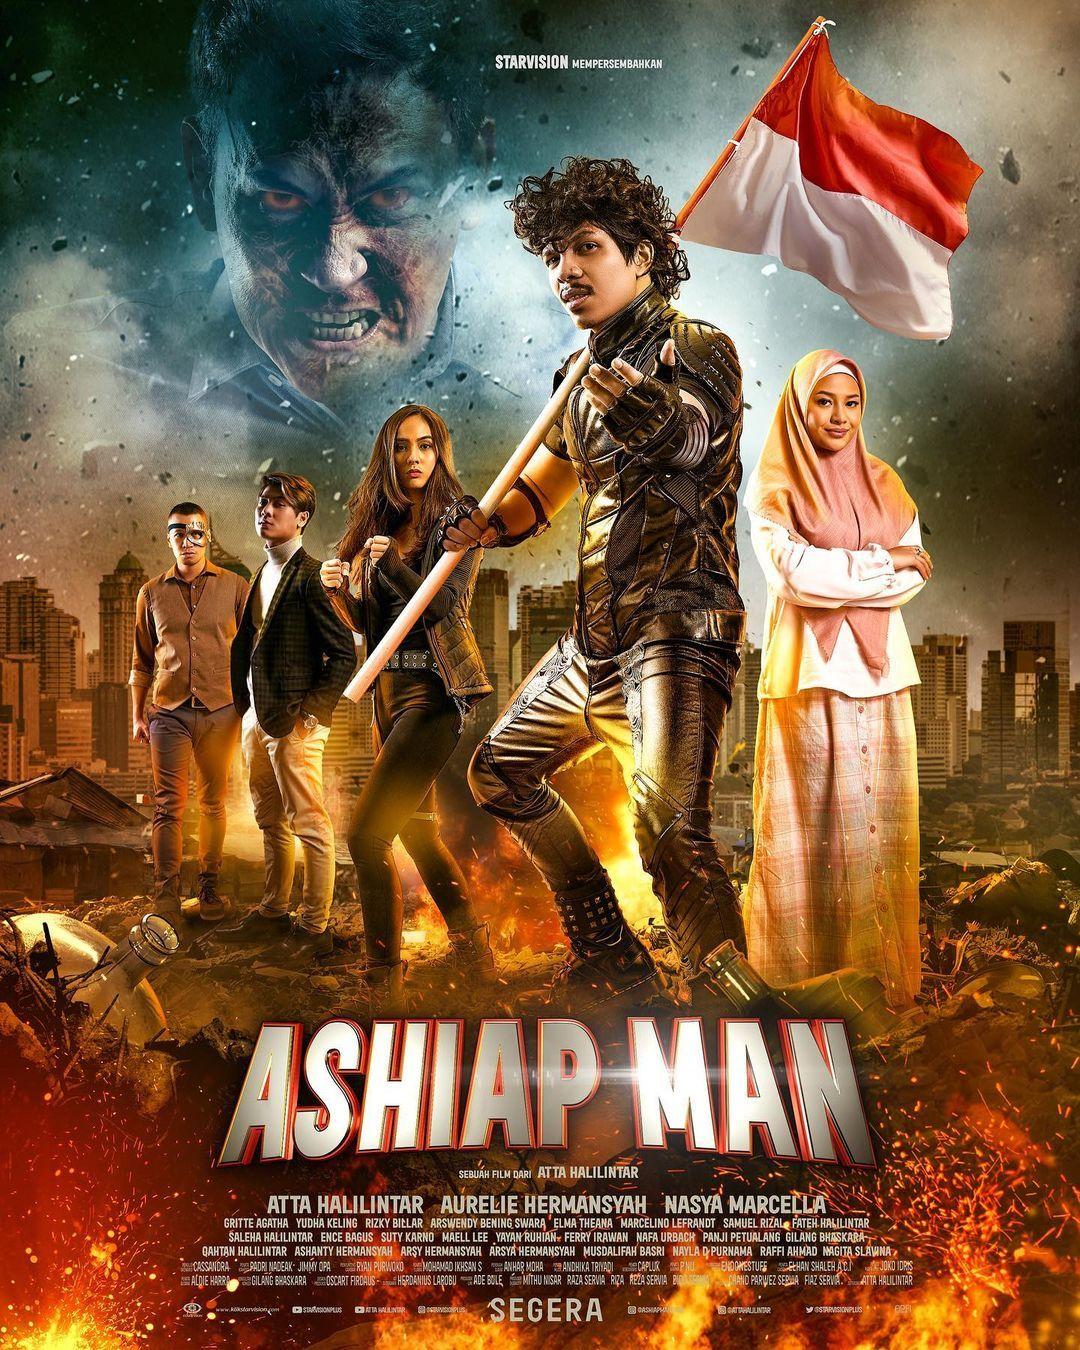 Ashiap Man Film